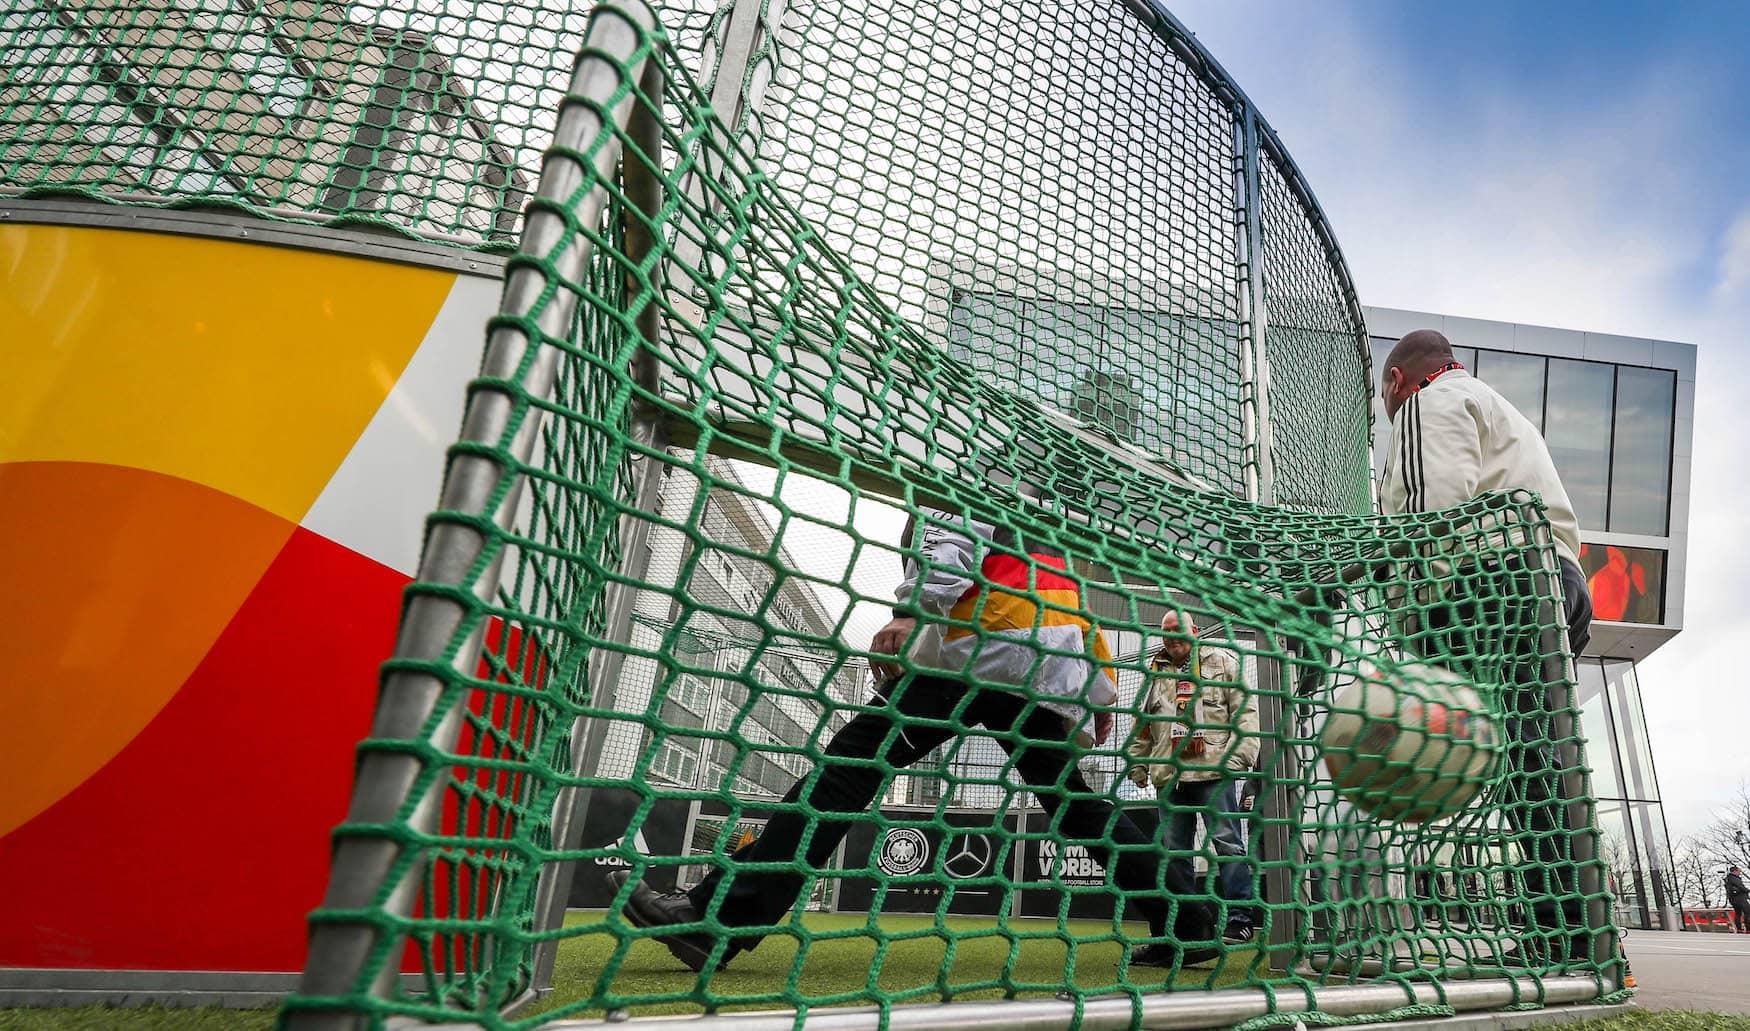 Spielfeld in Fußballmuseum